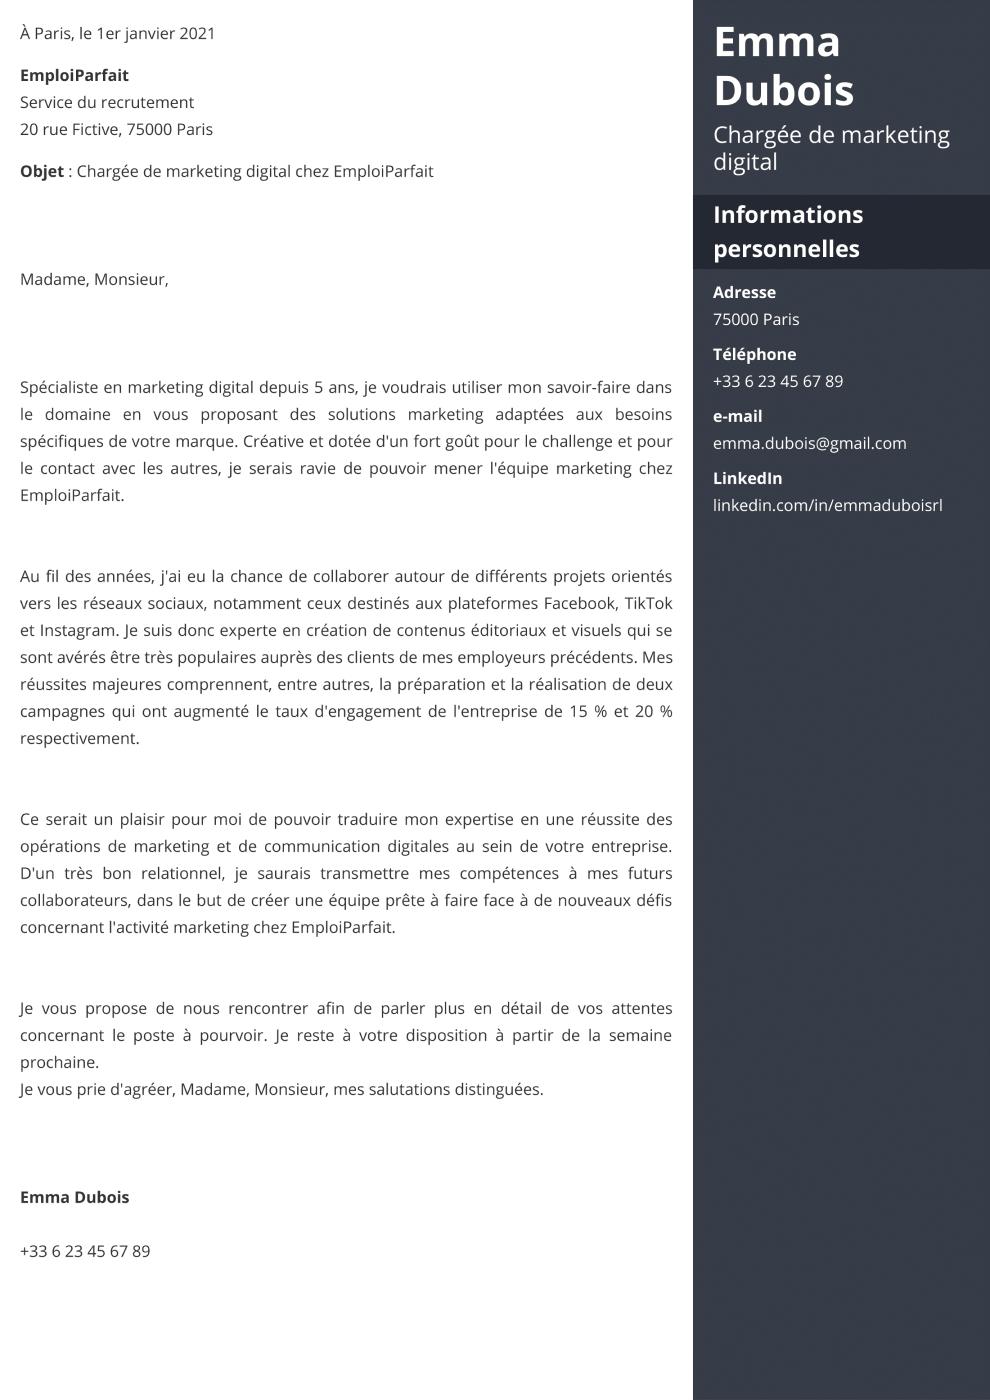 Modèle de lettre de motivation Enfold